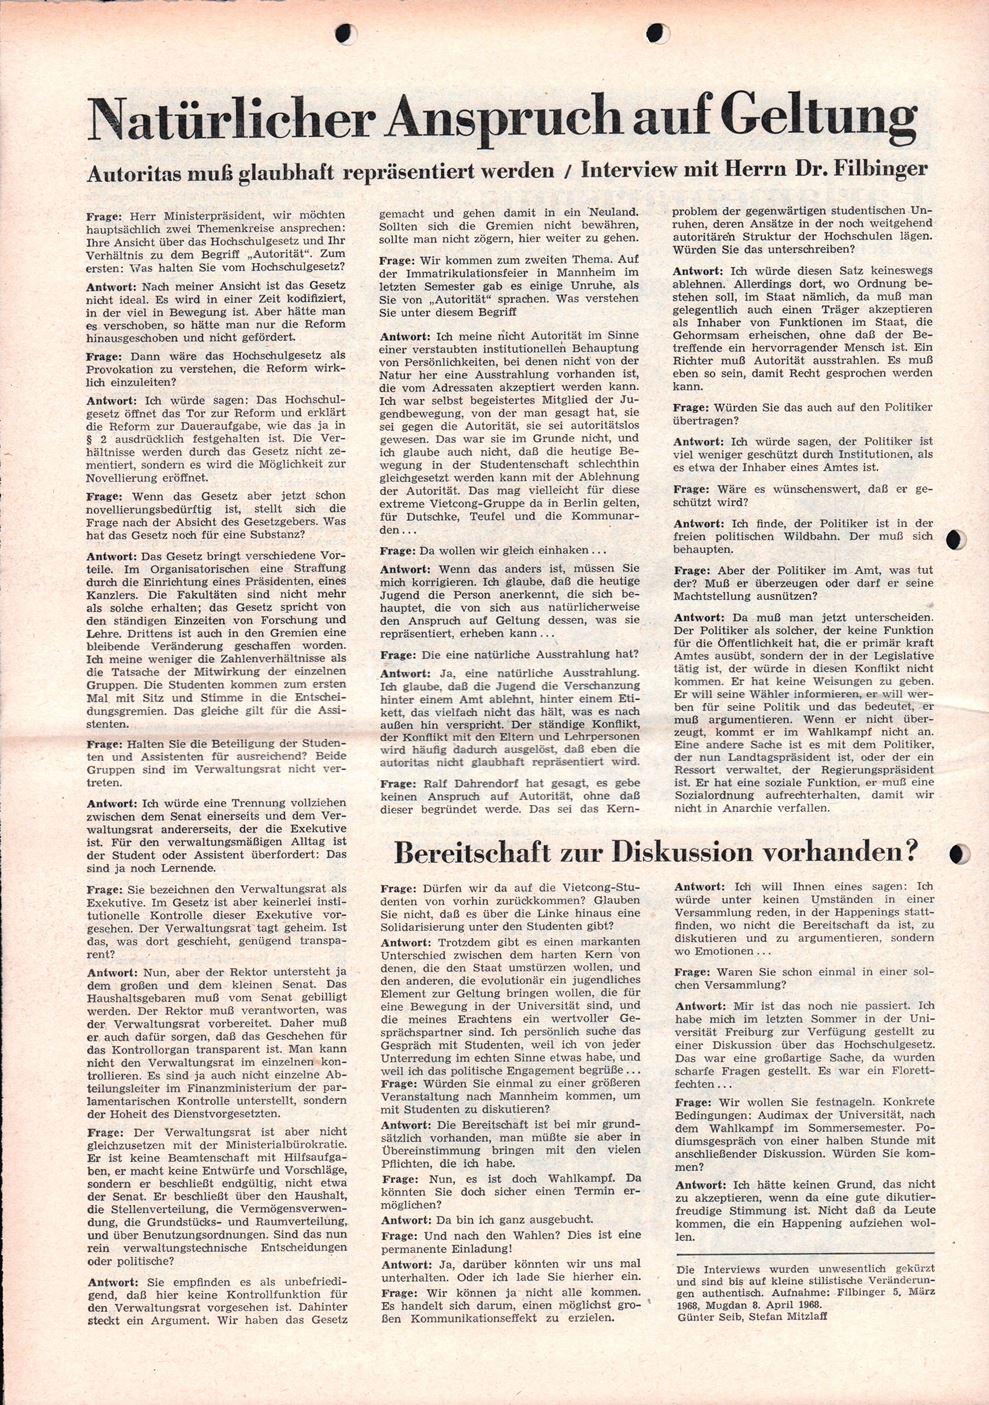 Heidelberg_1968_514